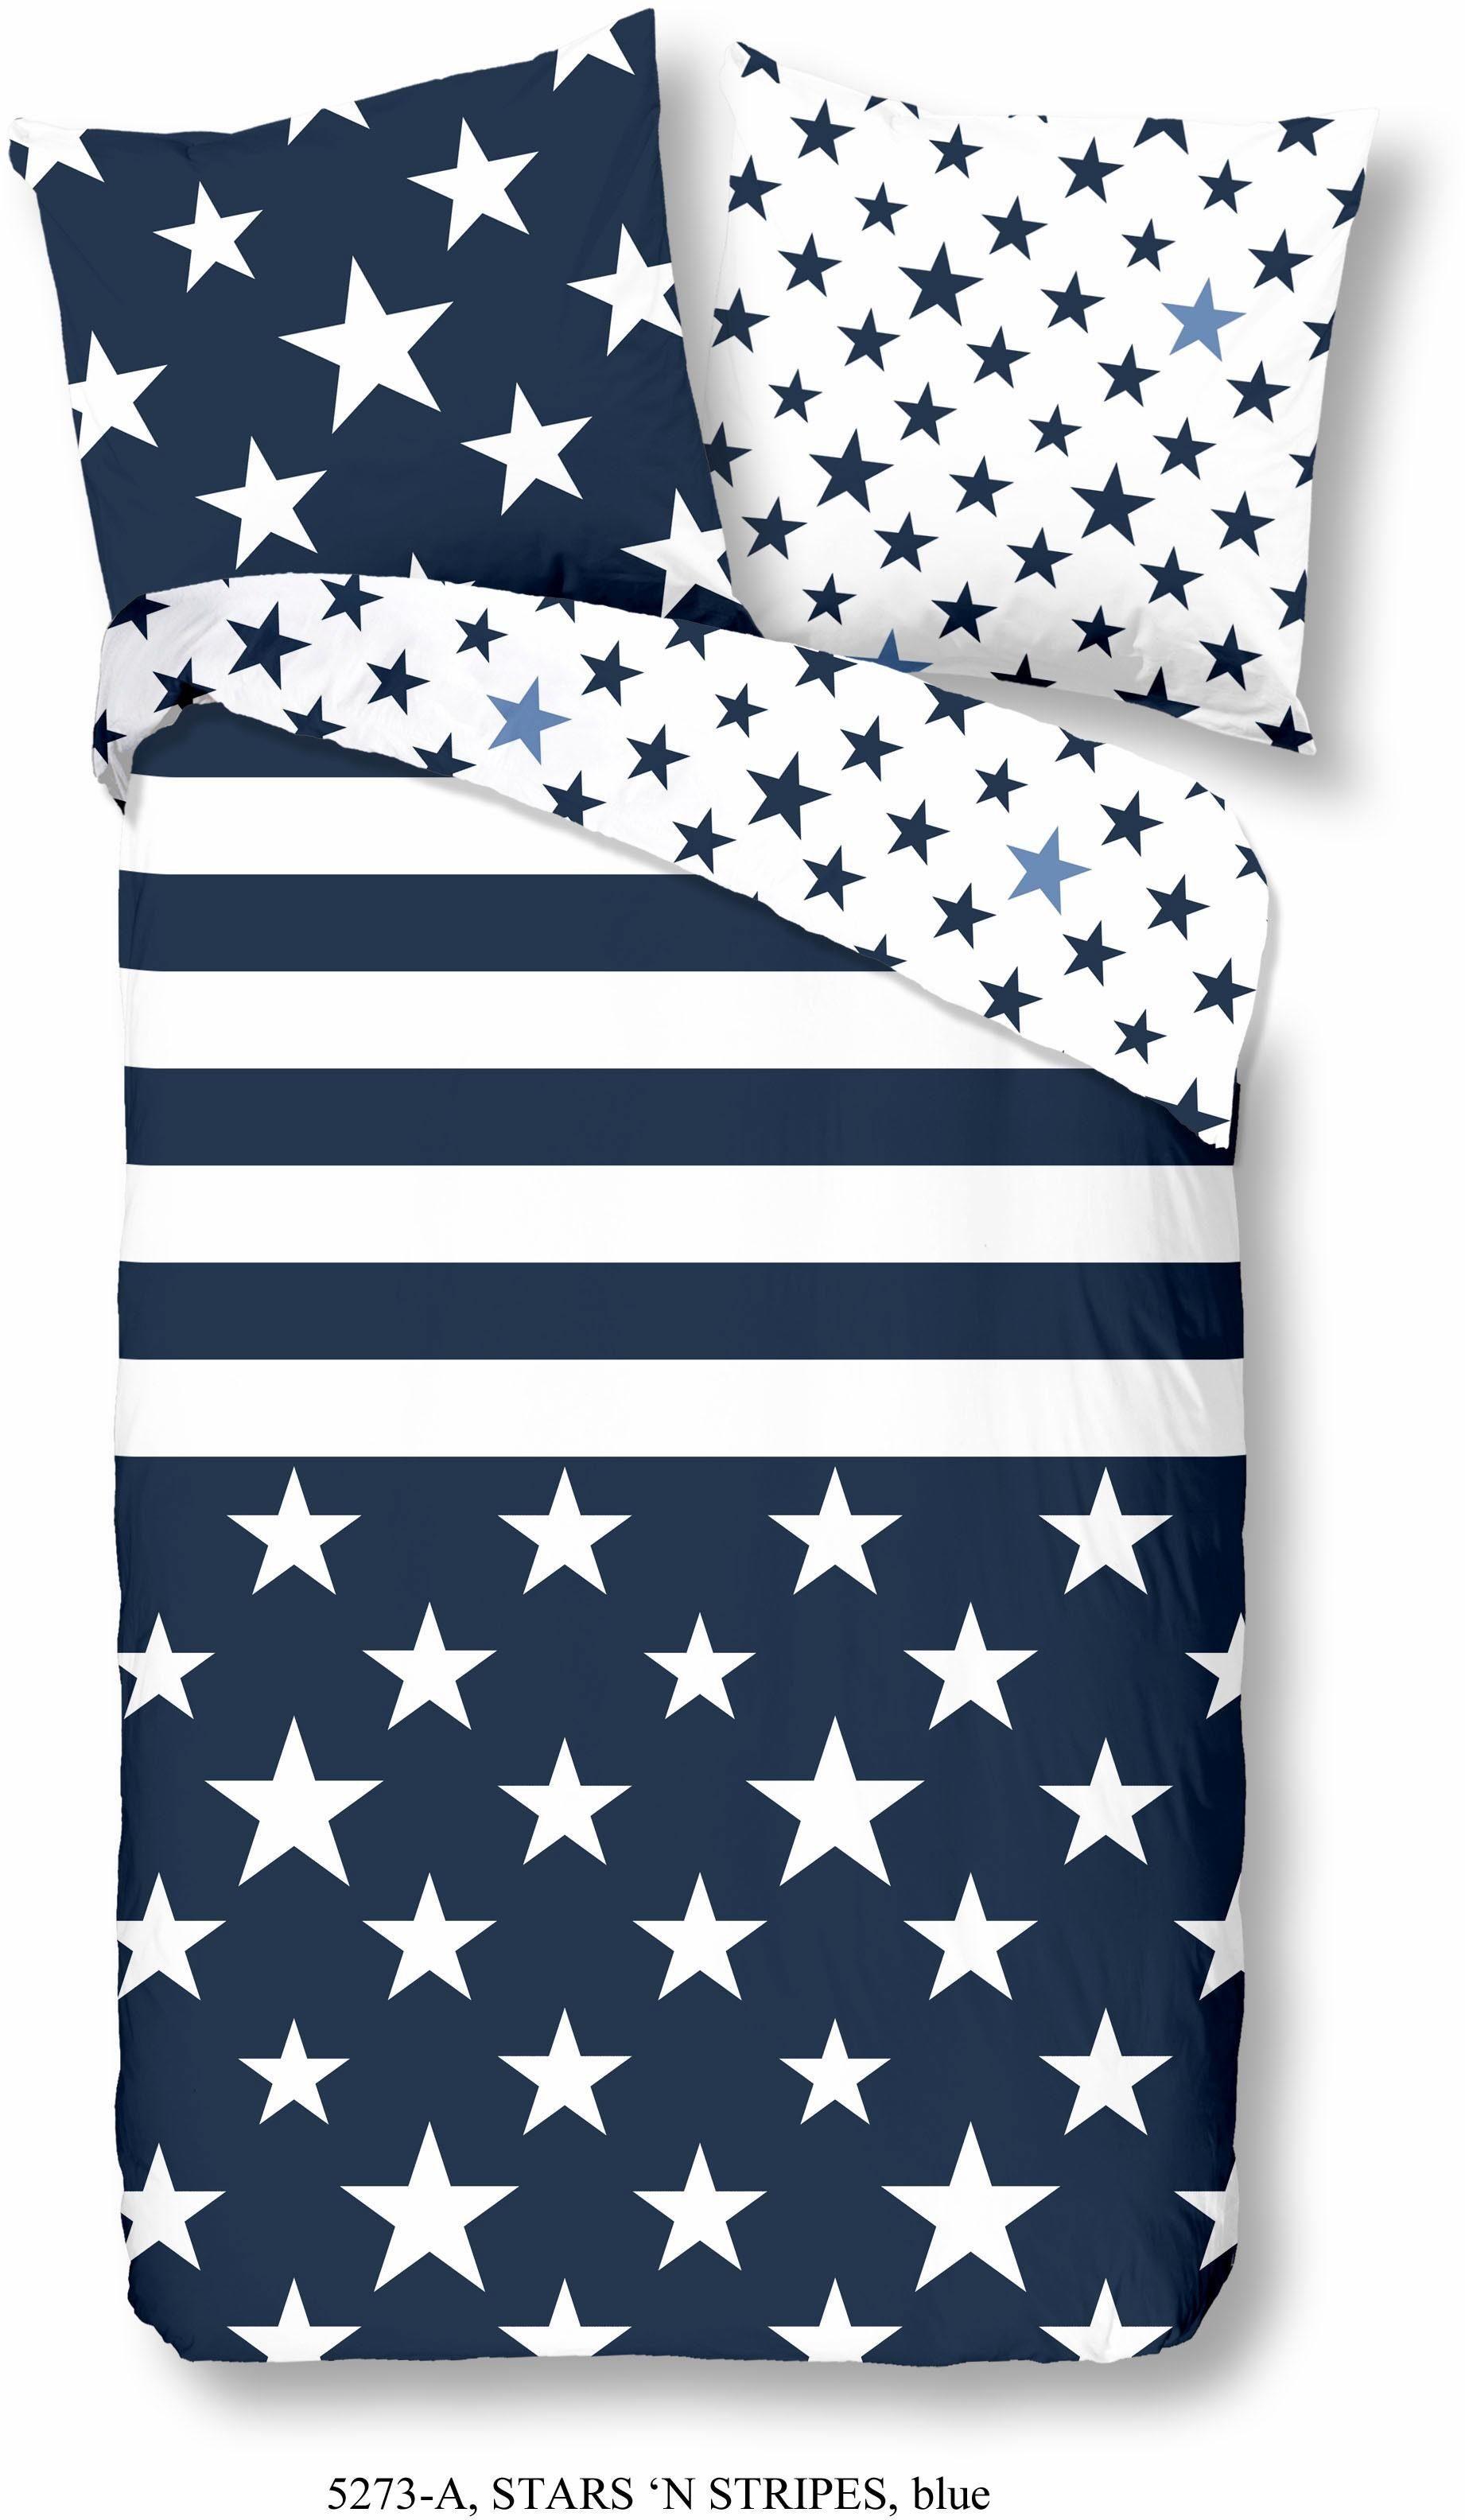 Wendebettwäsche, Good Morning, »Stars 'n stripes«, mit Sterne und Streifen